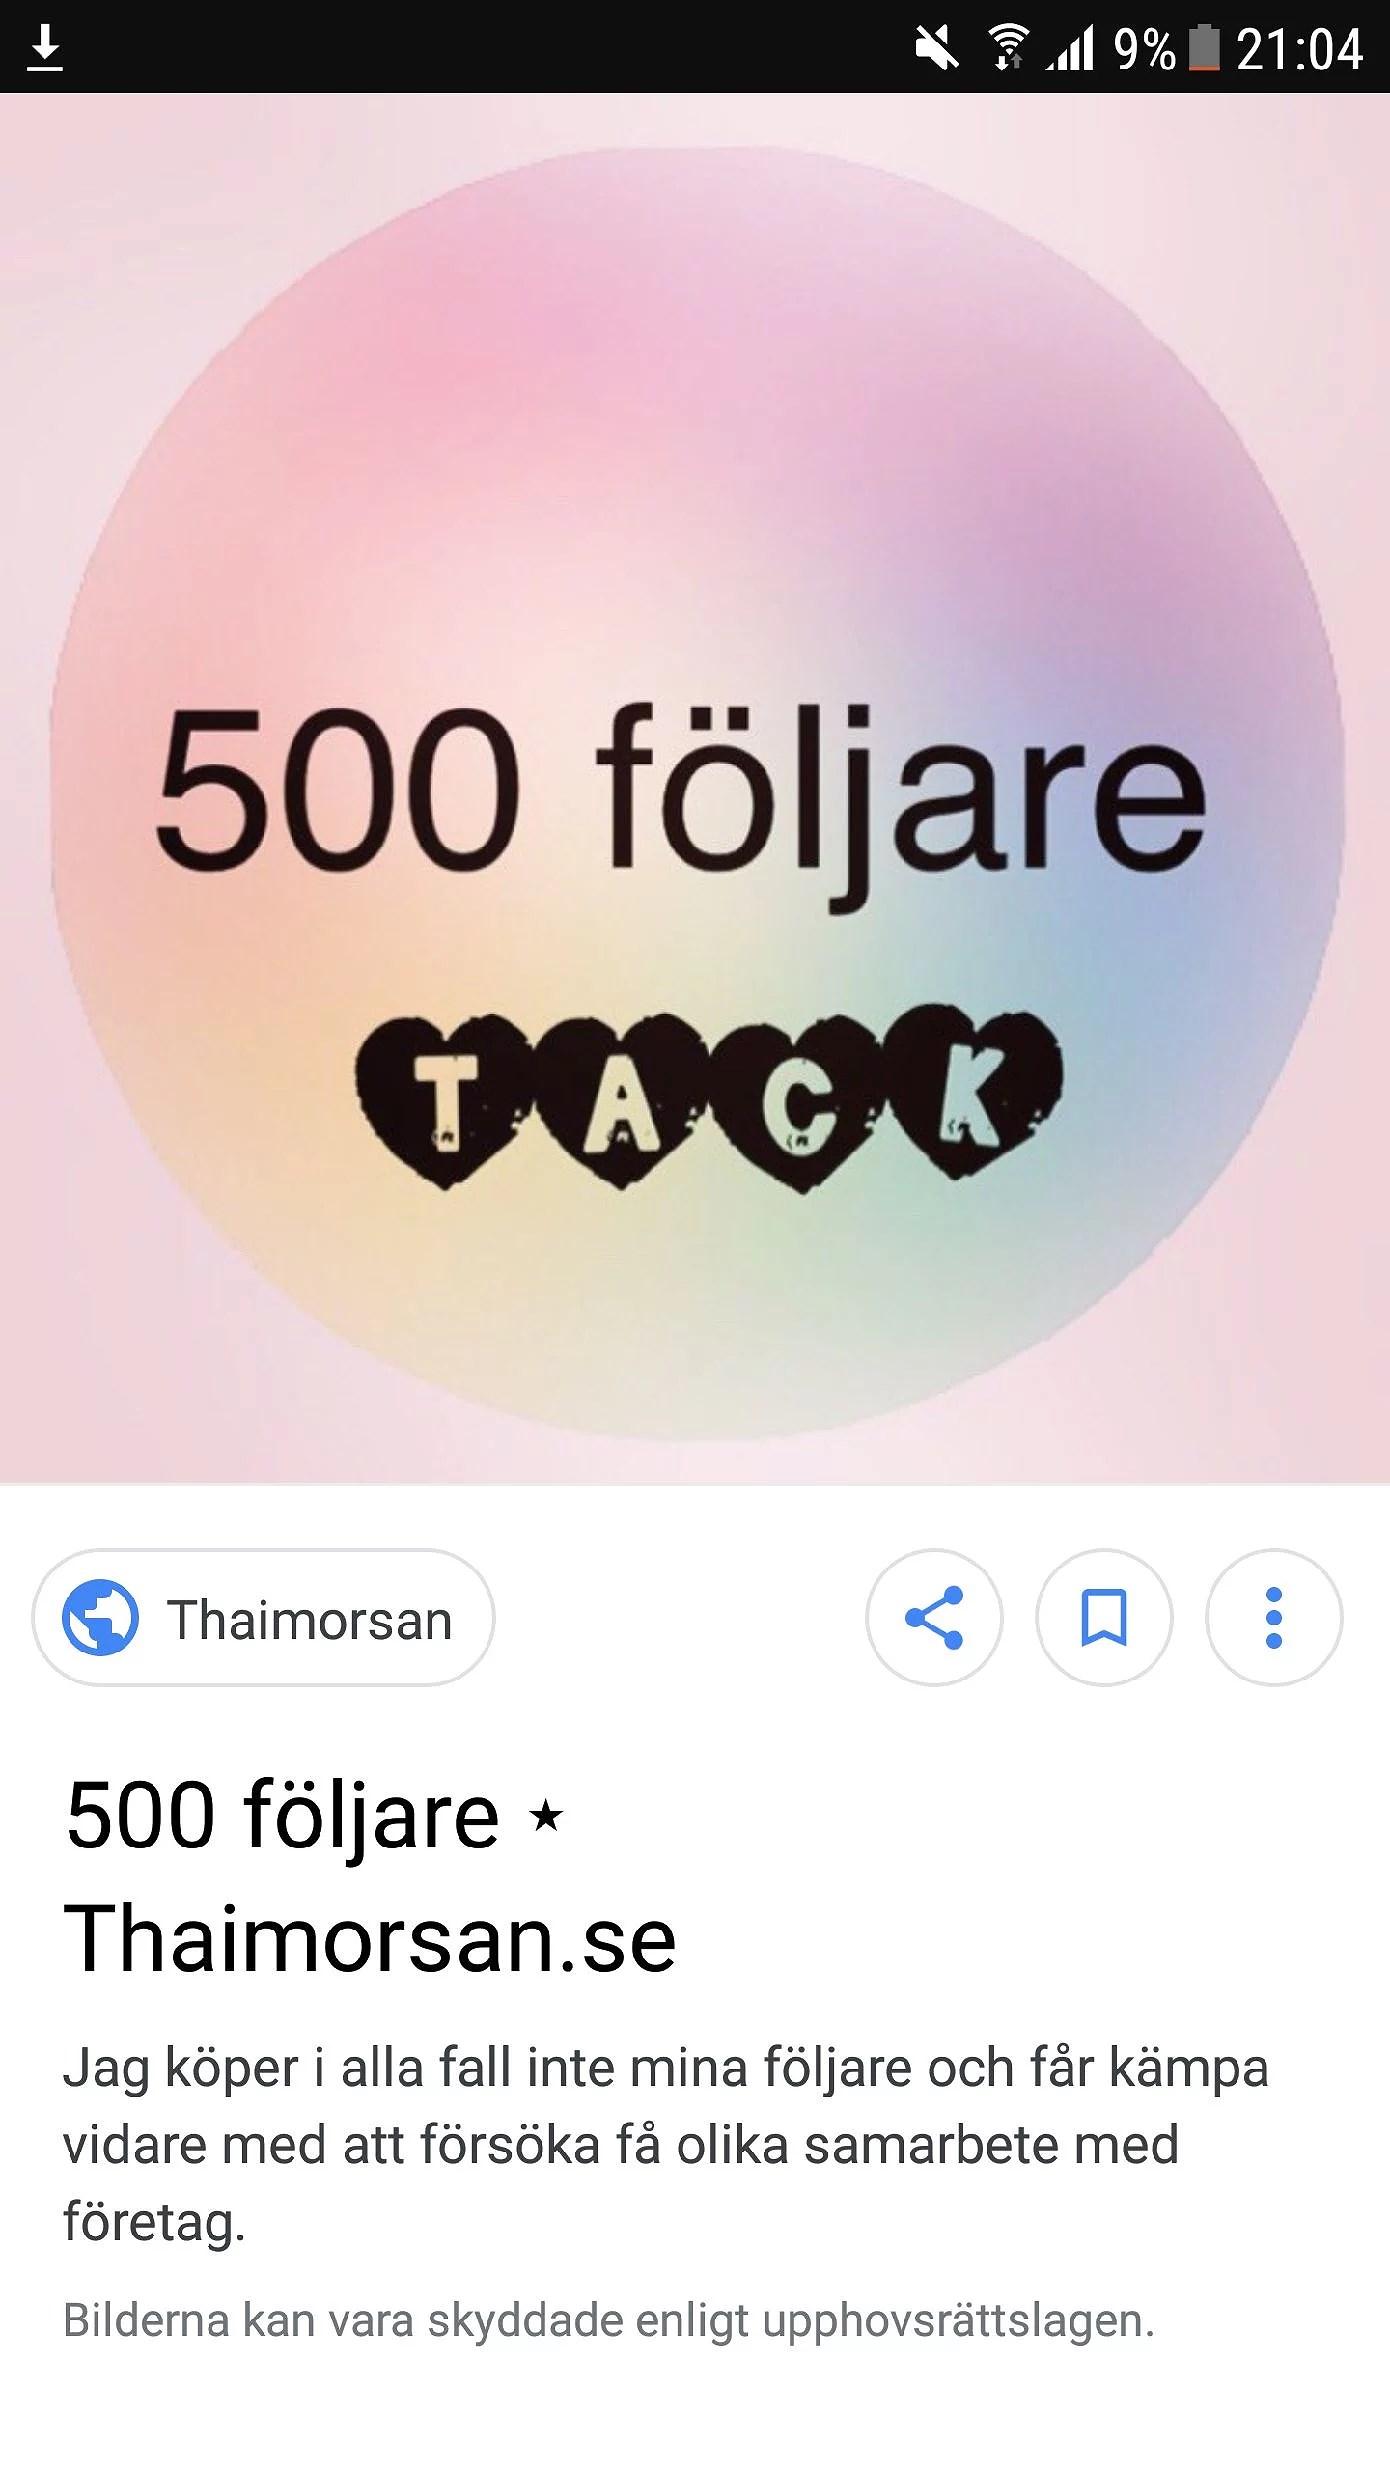 500 följare ett stort hjärtligt tack